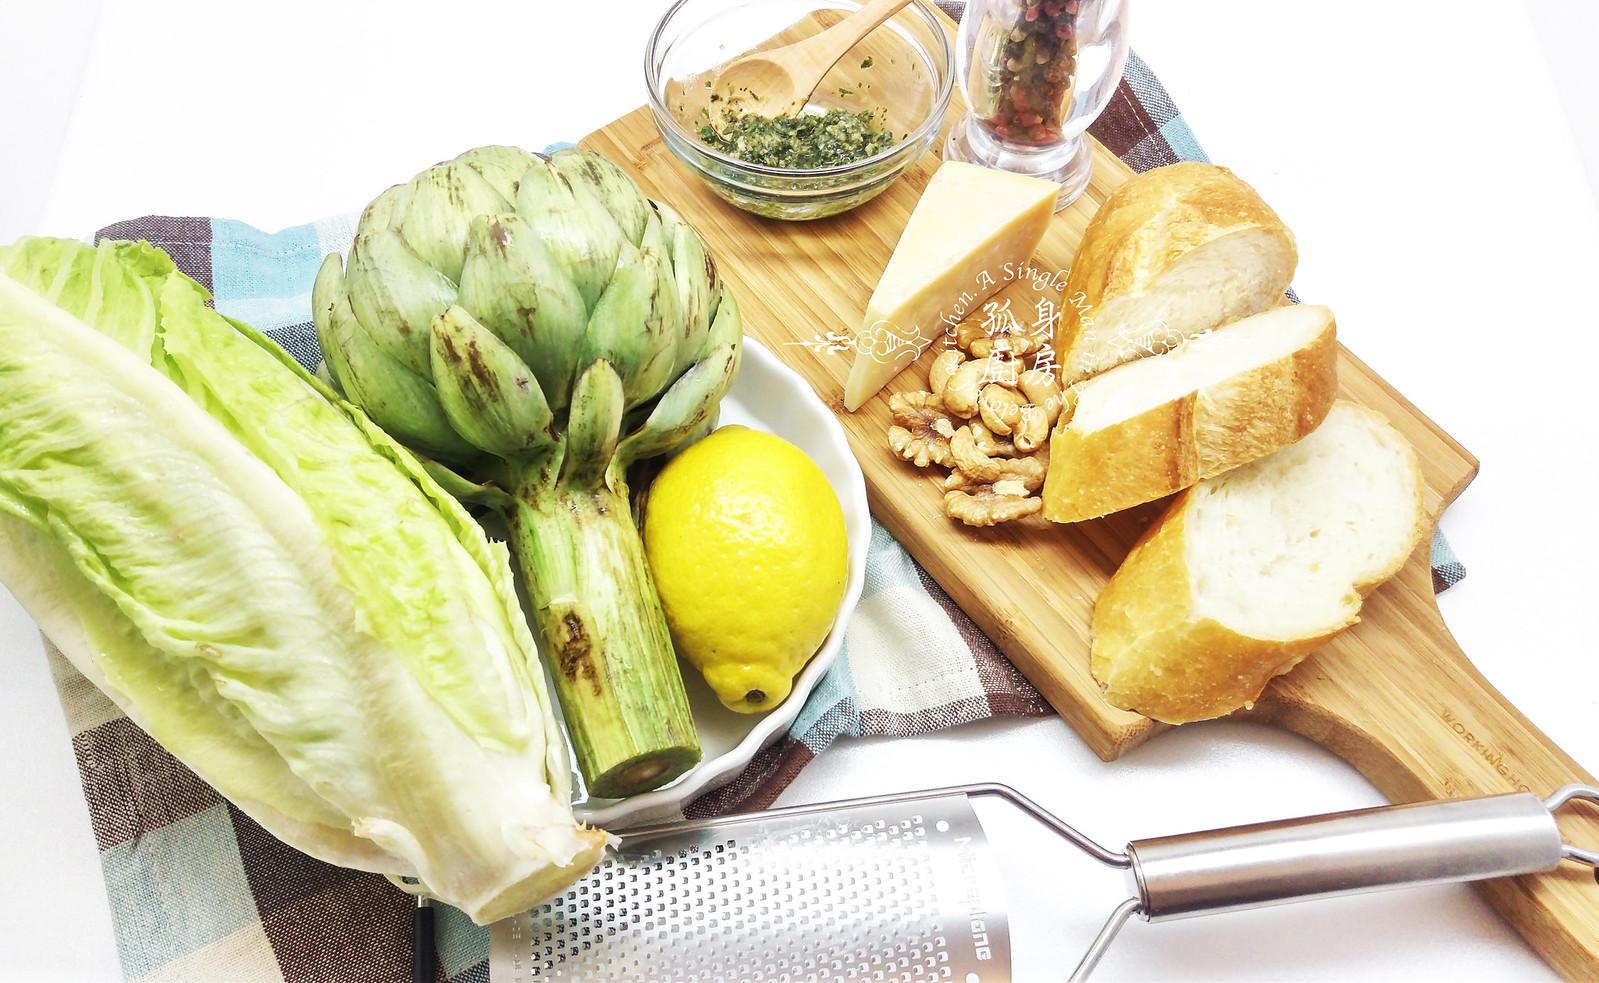 孤身廚房-青醬帕瑪森起司鑲烤朝鮮薊佐簡易油醋蘿蔓沙拉2